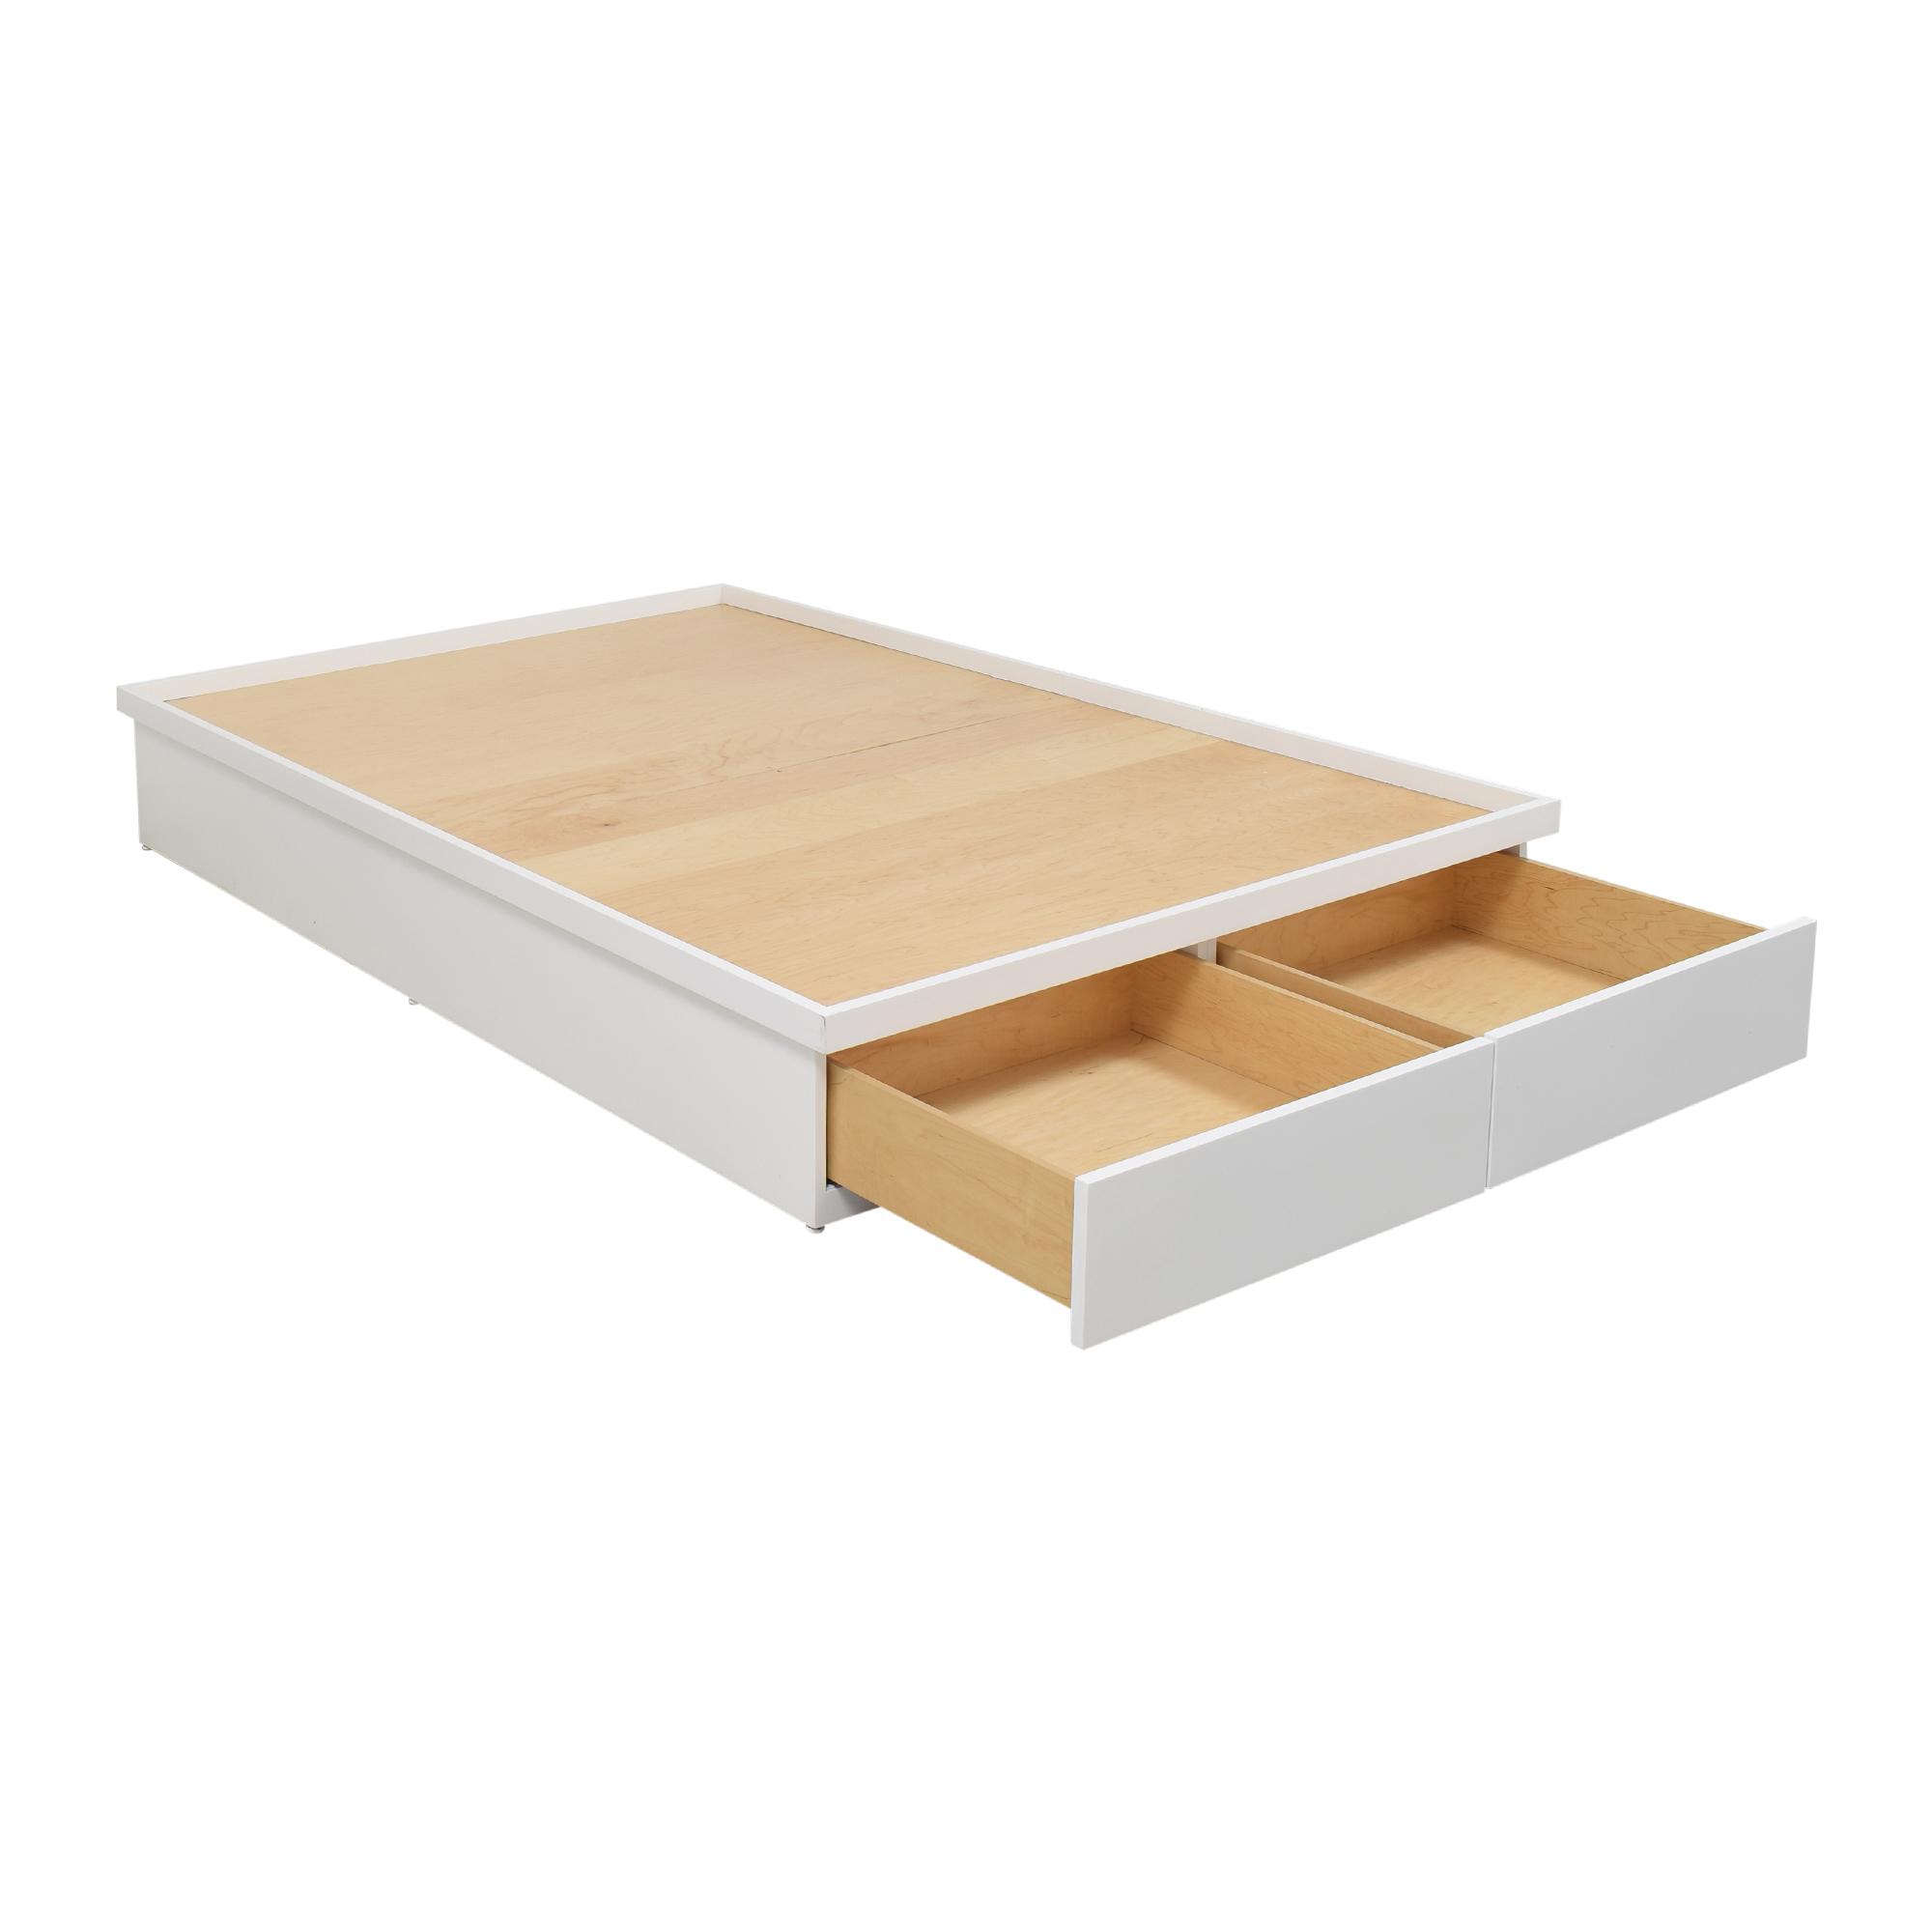 Urbangreen Furniture Urbangreen Full Storage Bed on sale